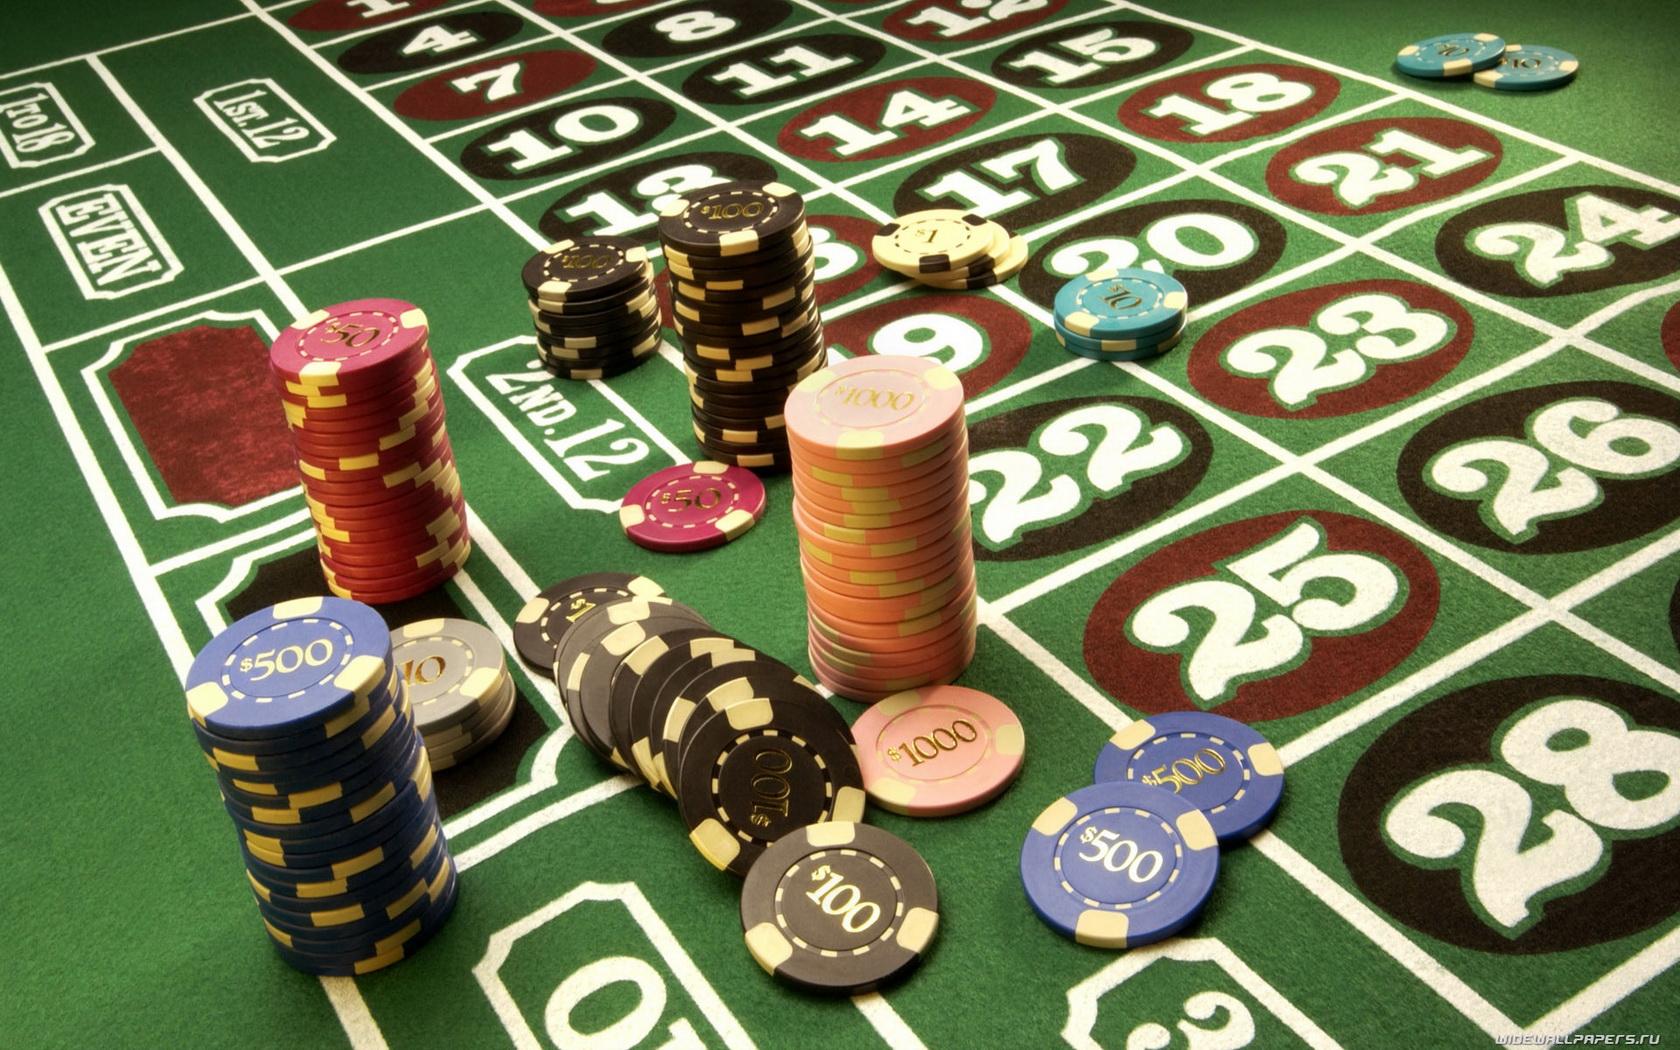 официальный сайт казино картинки в хорошем качестве